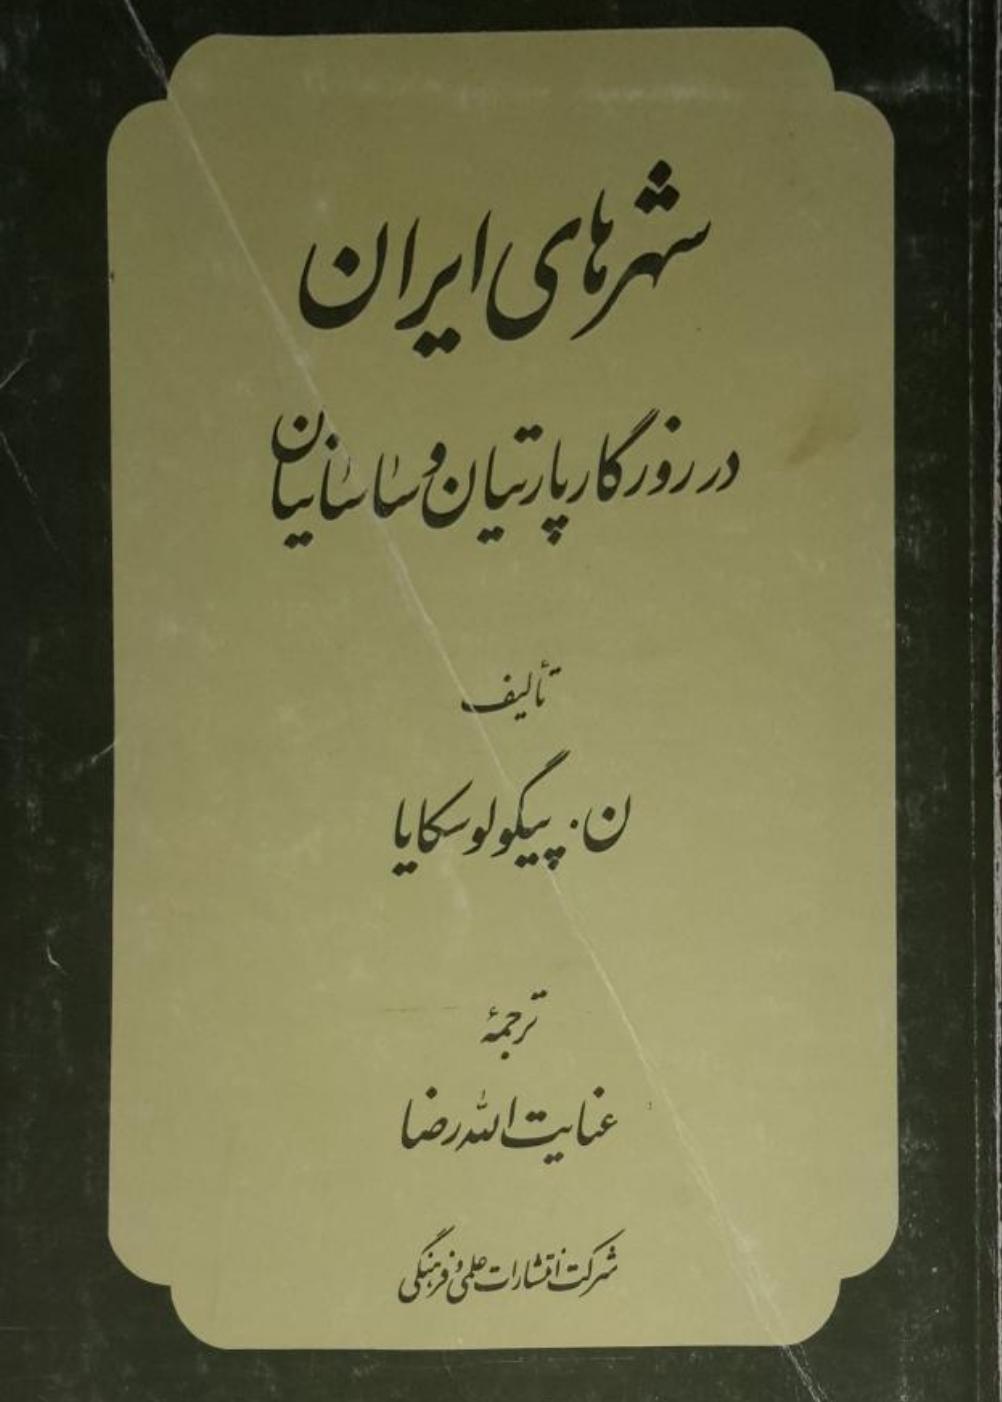 دانلود کتاب شهرهای ایران در روزگار پارتیان و ساسانیان pdf